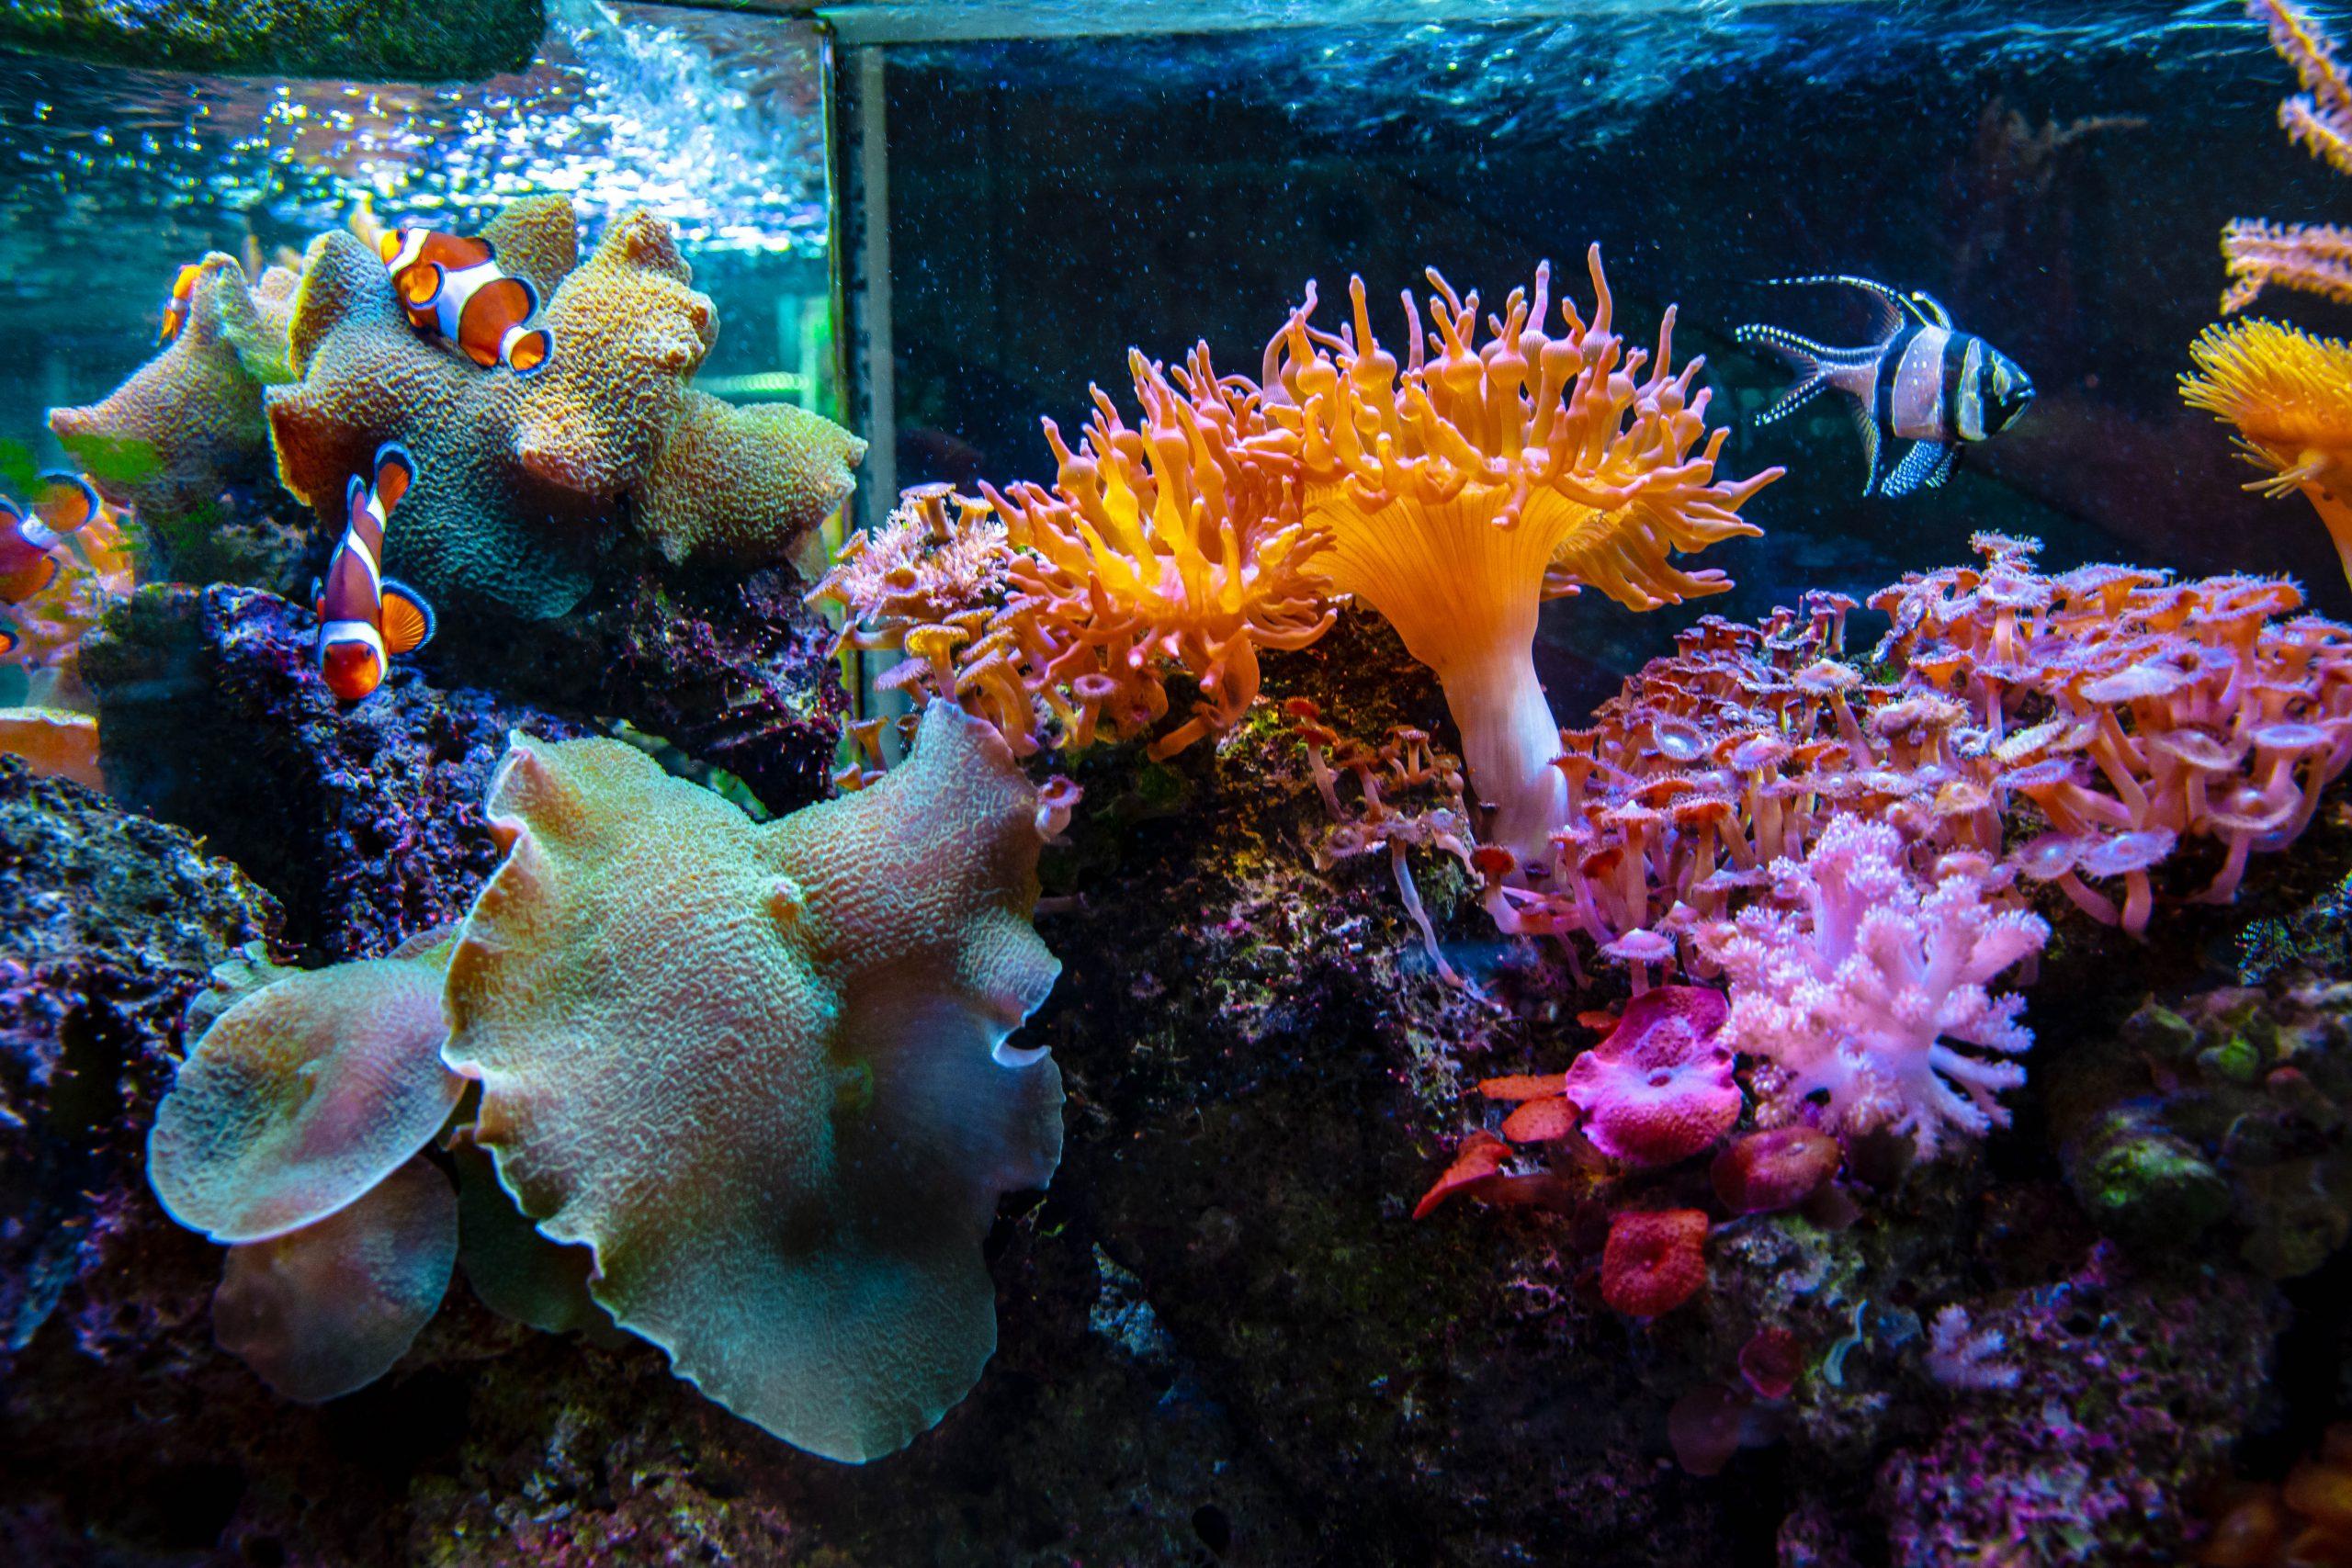 U Javnom akvarijumu: Mesto gde su životinje uvek na prvom mestu (FOTO) 2